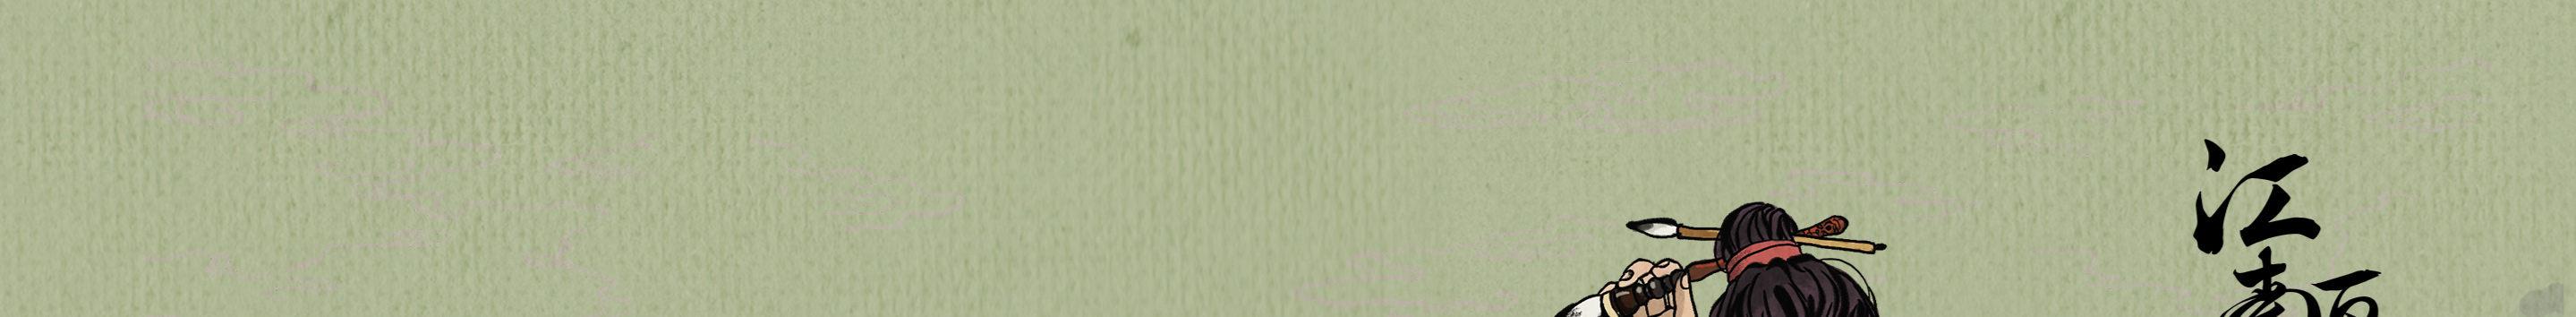 江南百景图专题